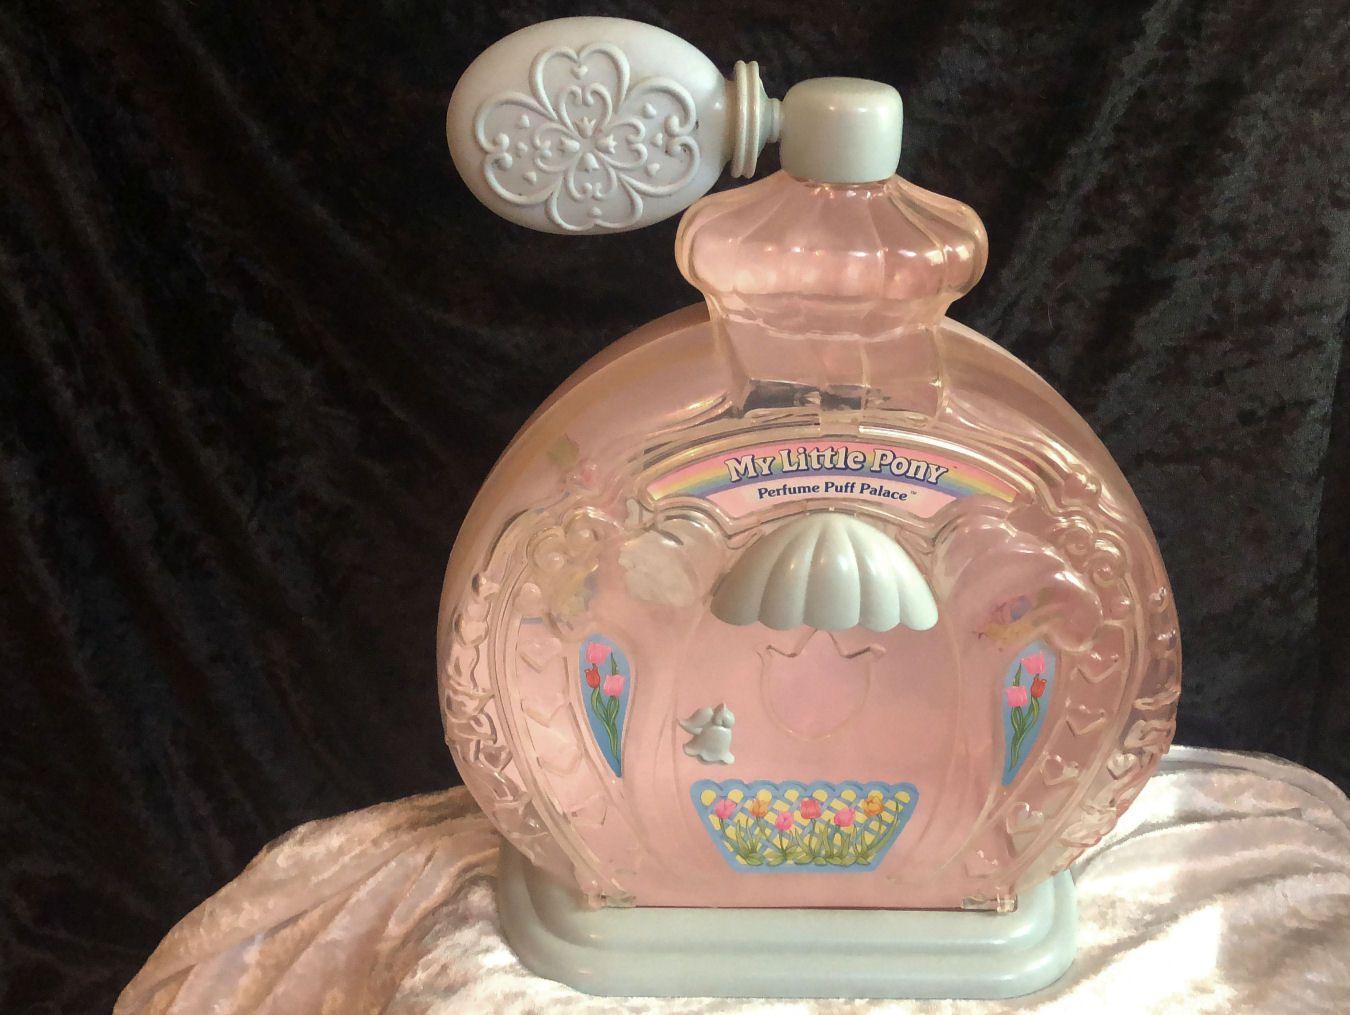 Perfume Puff Palace (2)